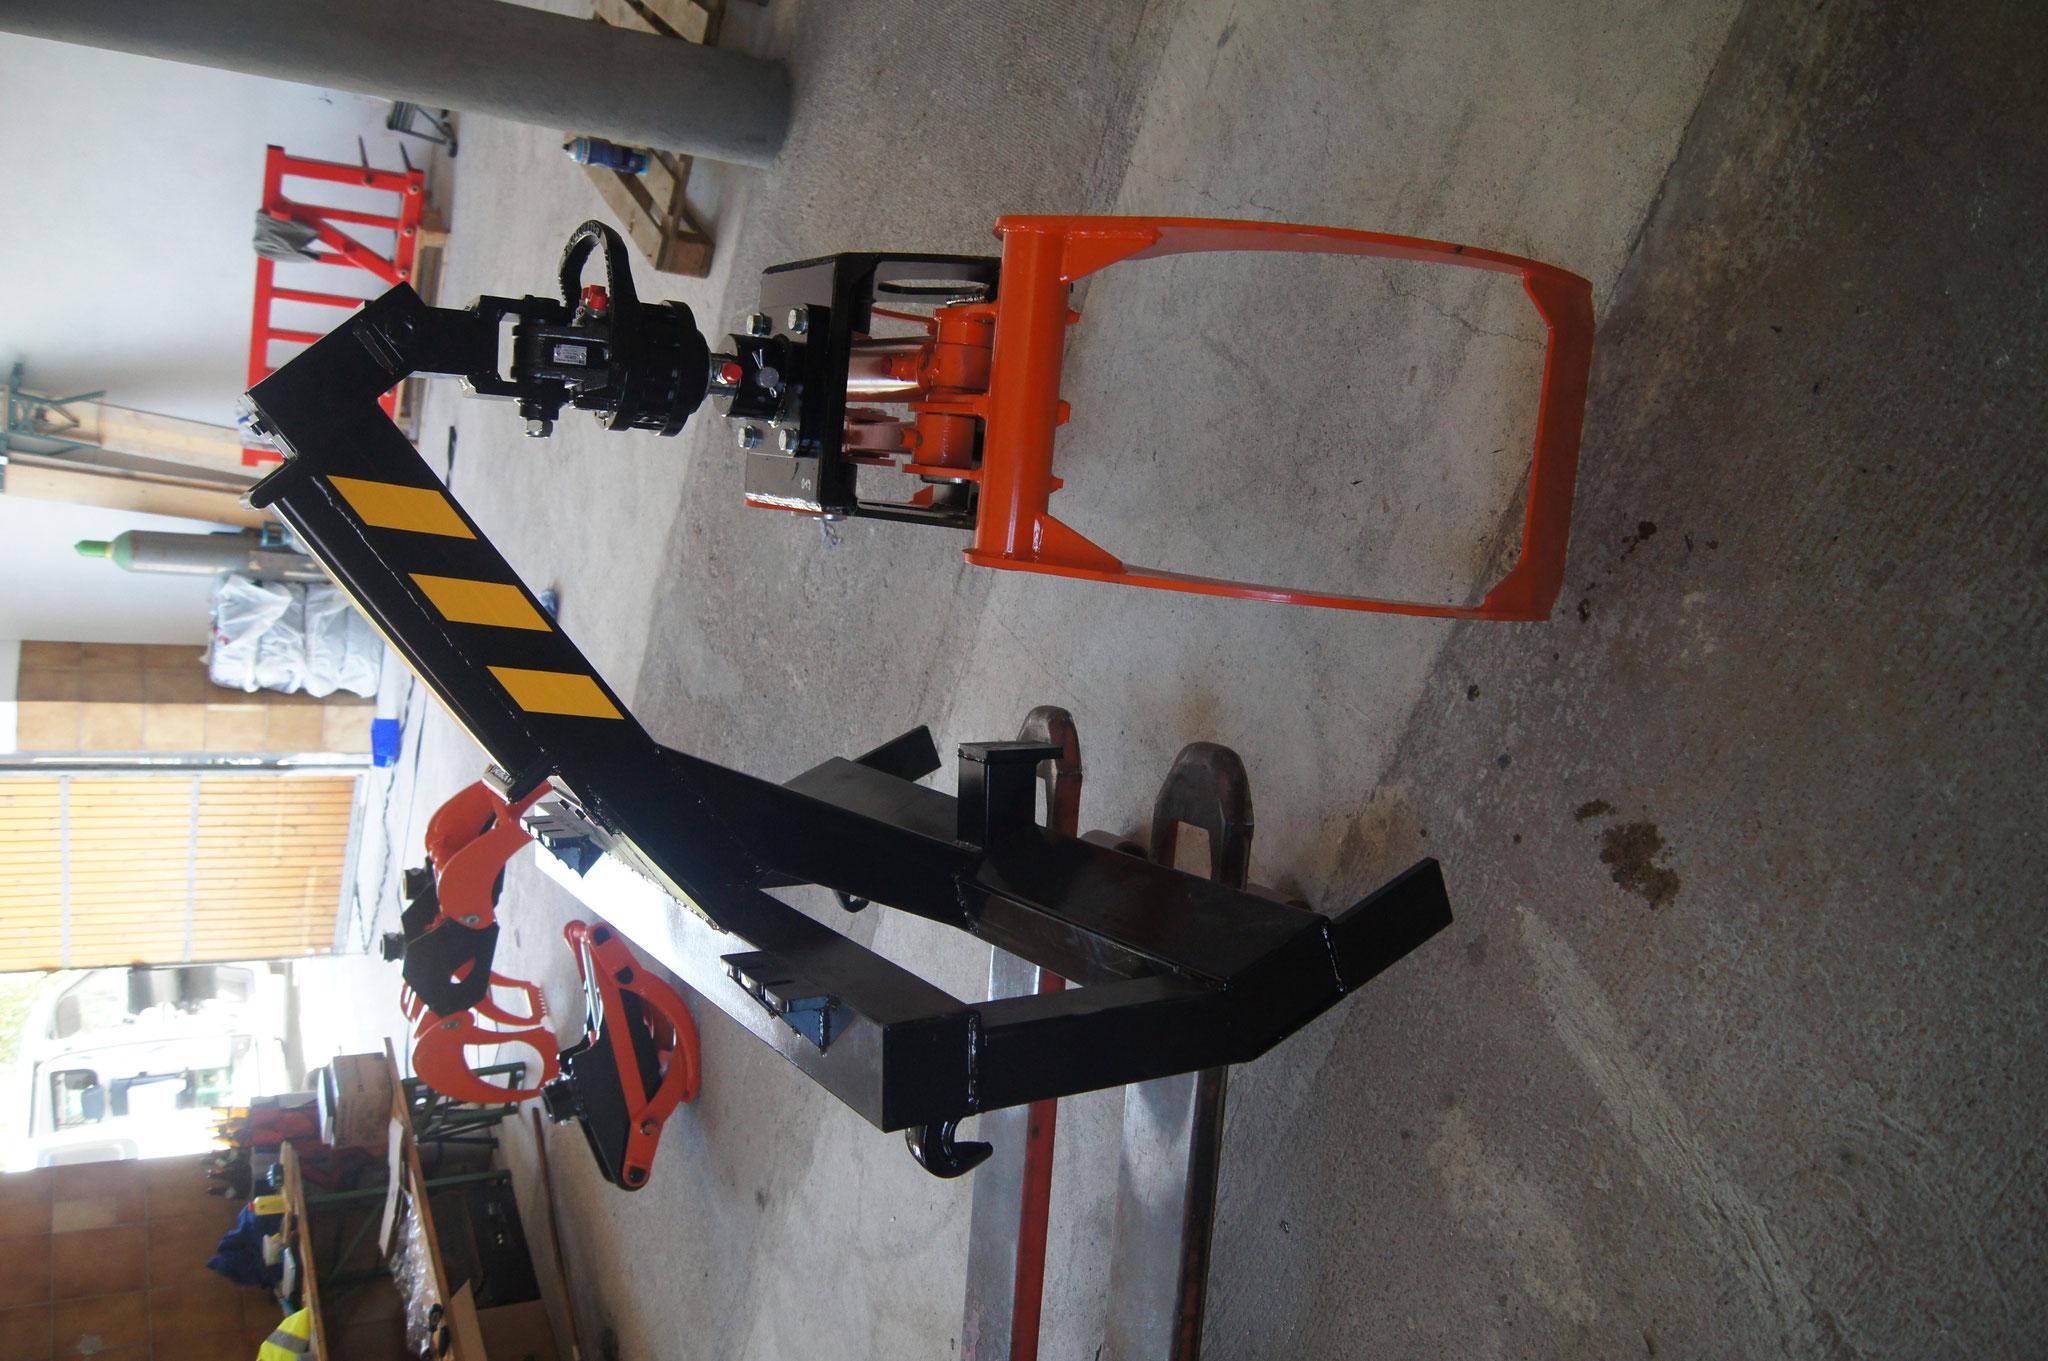 1210mm Öffnungsweite, Galgen für Frontlader-anbau